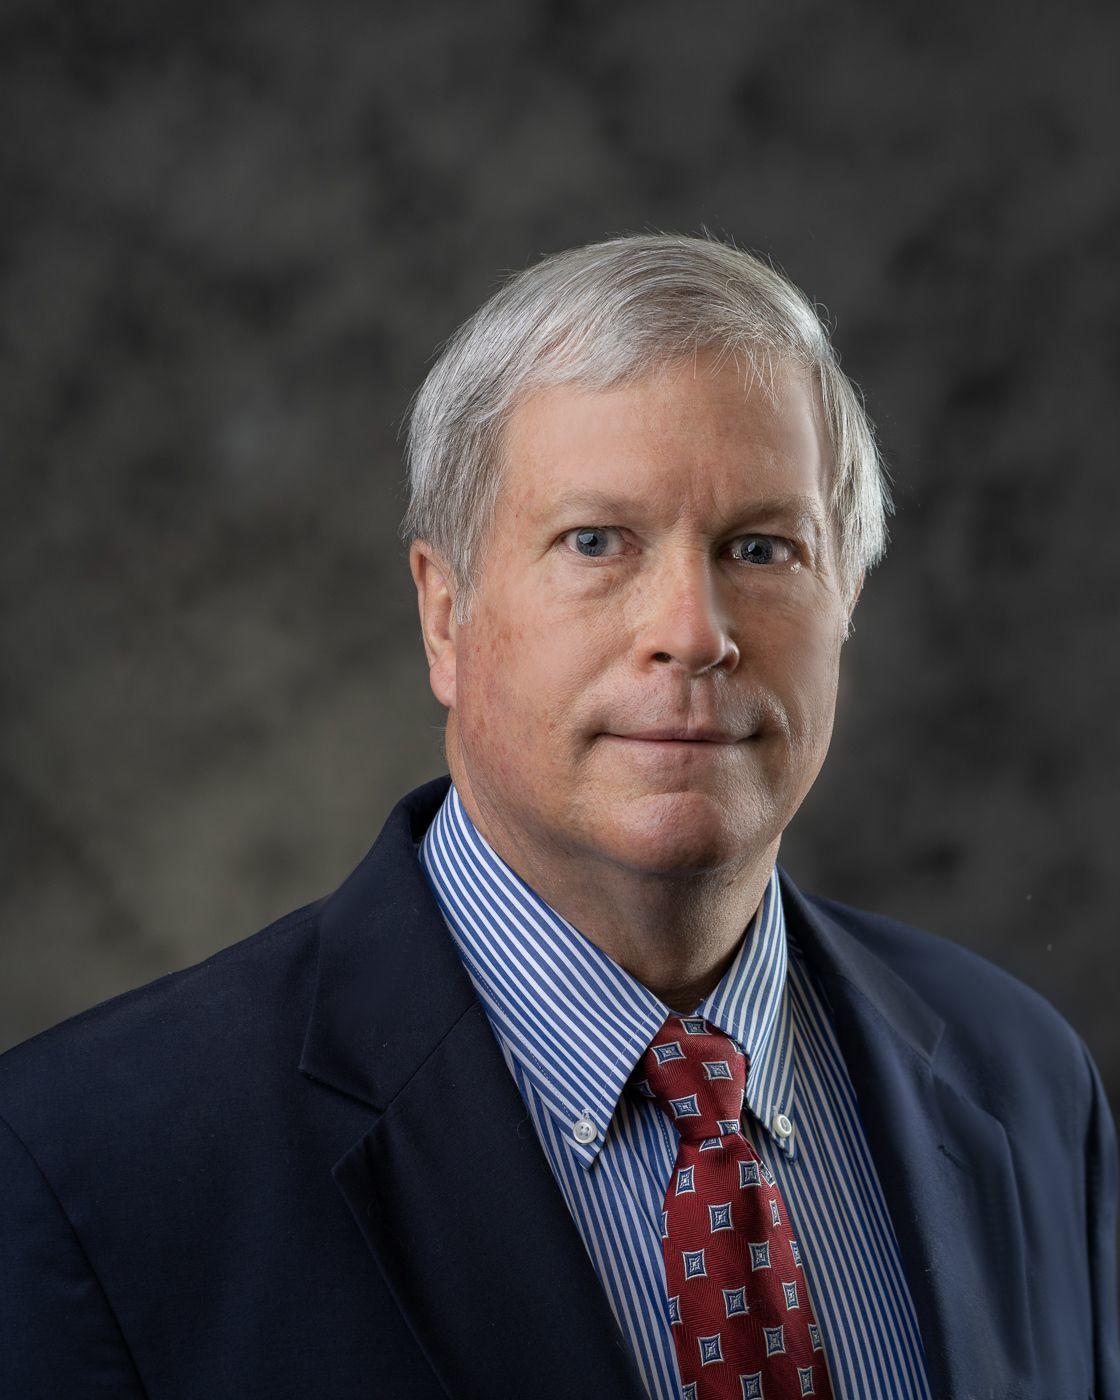 Ludwig Eglseder, MD